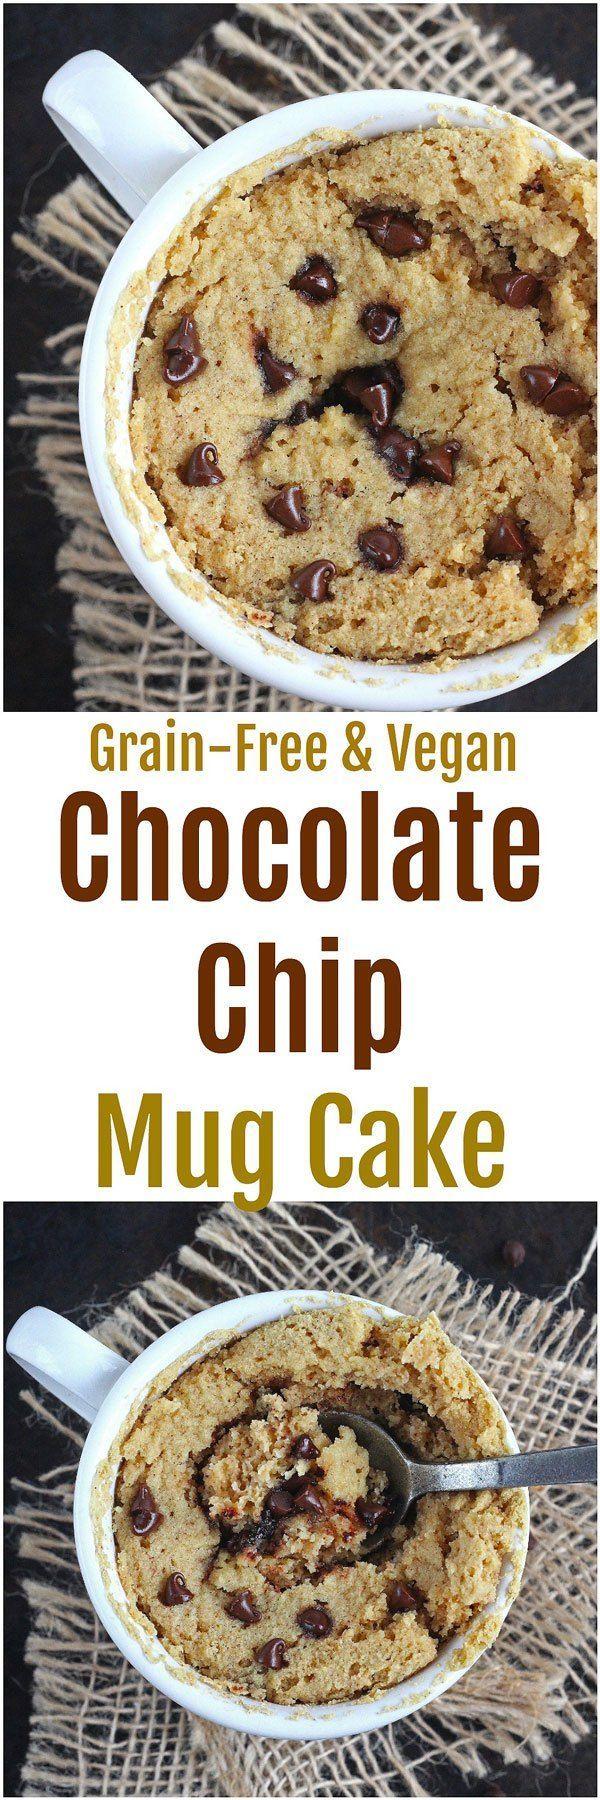 Chocolate Chip Mug Cake  Vegan  - Katalyst Health ...